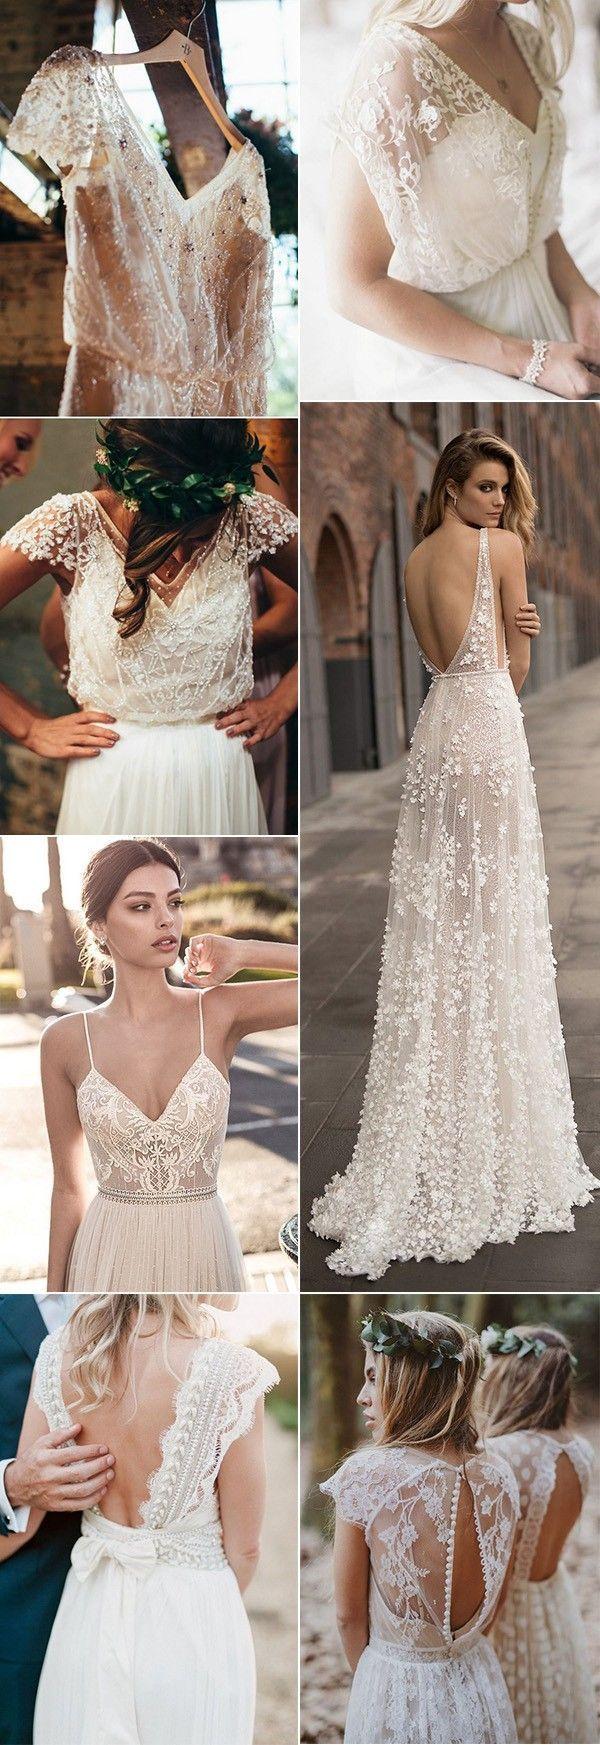 trending boho wedding dresses for 2018 weddingdresses. Black Bedroom Furniture Sets. Home Design Ideas